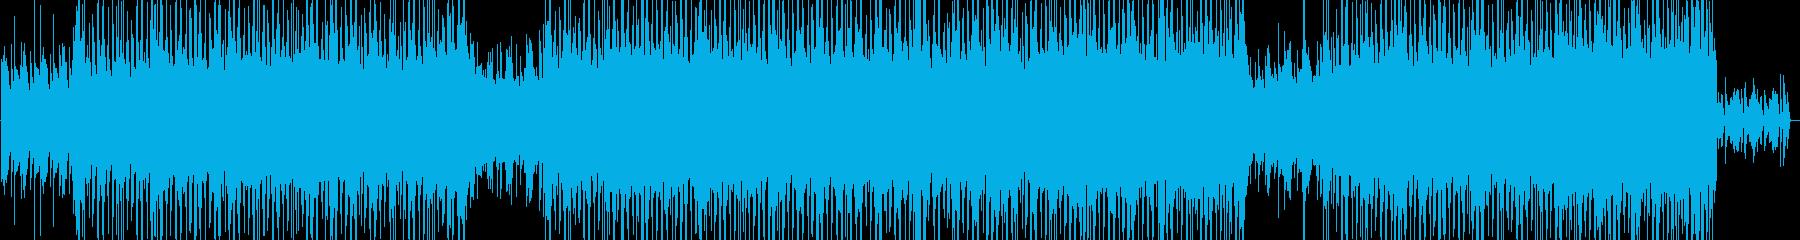 サード、スムースジャズ。リニア、ト...の再生済みの波形